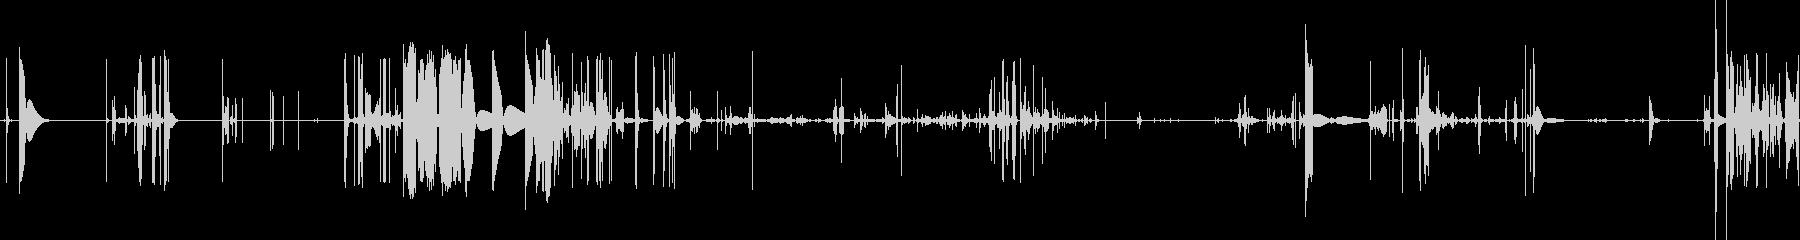 ホットタッチのノイズ素材ですの未再生の波形